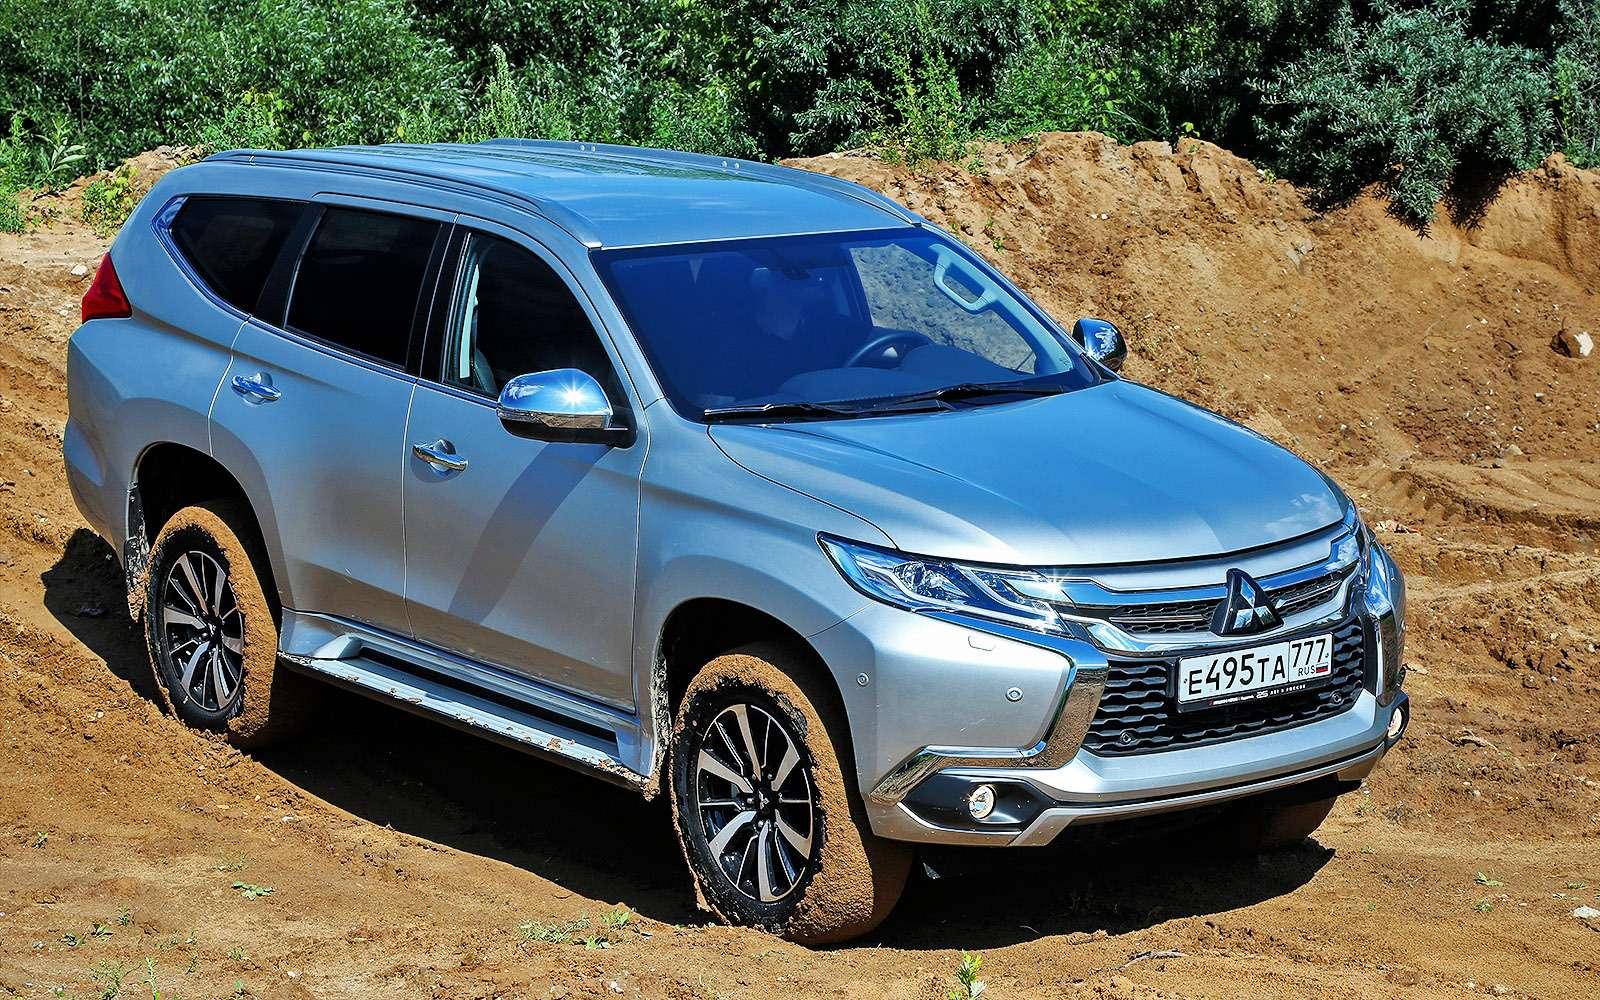 Новый Mitsubishi Pajero Sport: первый тест ипервая грязь!— фото 607606